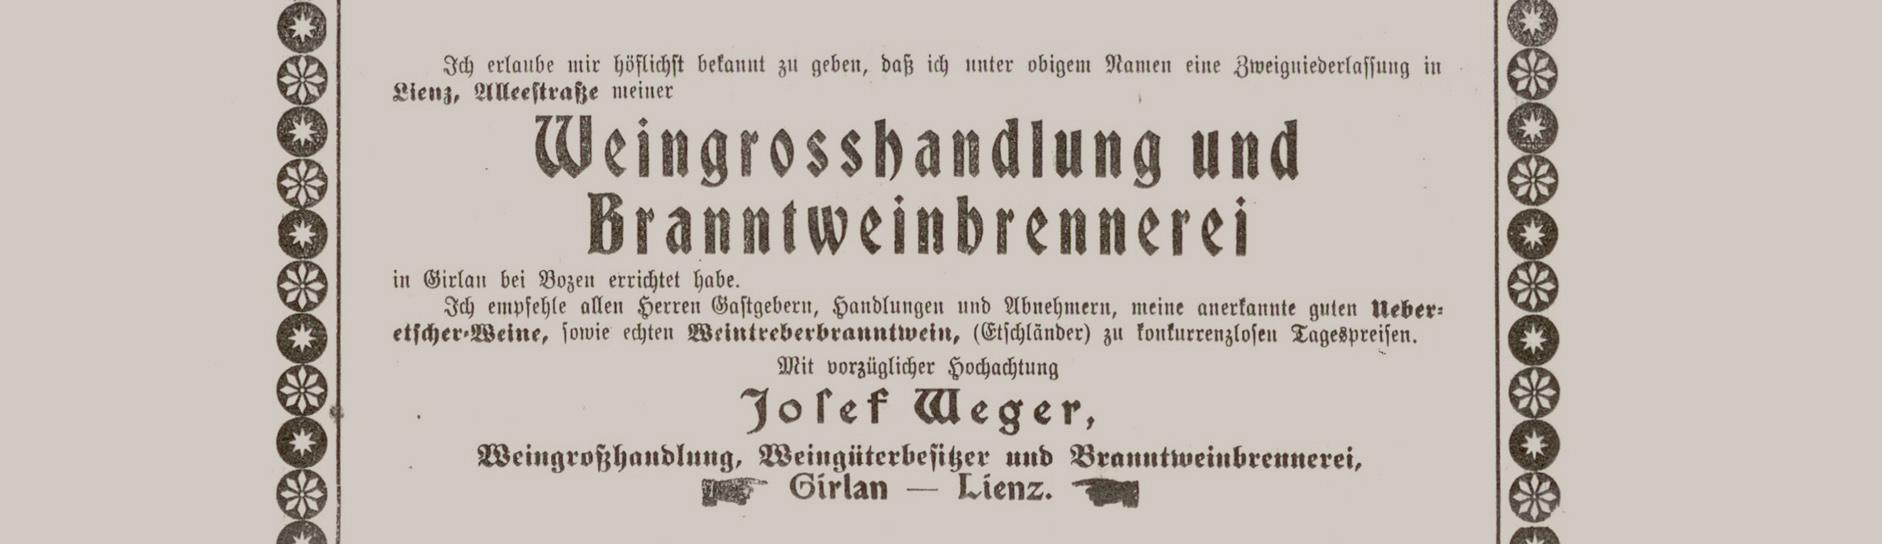 Inserat Lienzer Nachrichten 1923